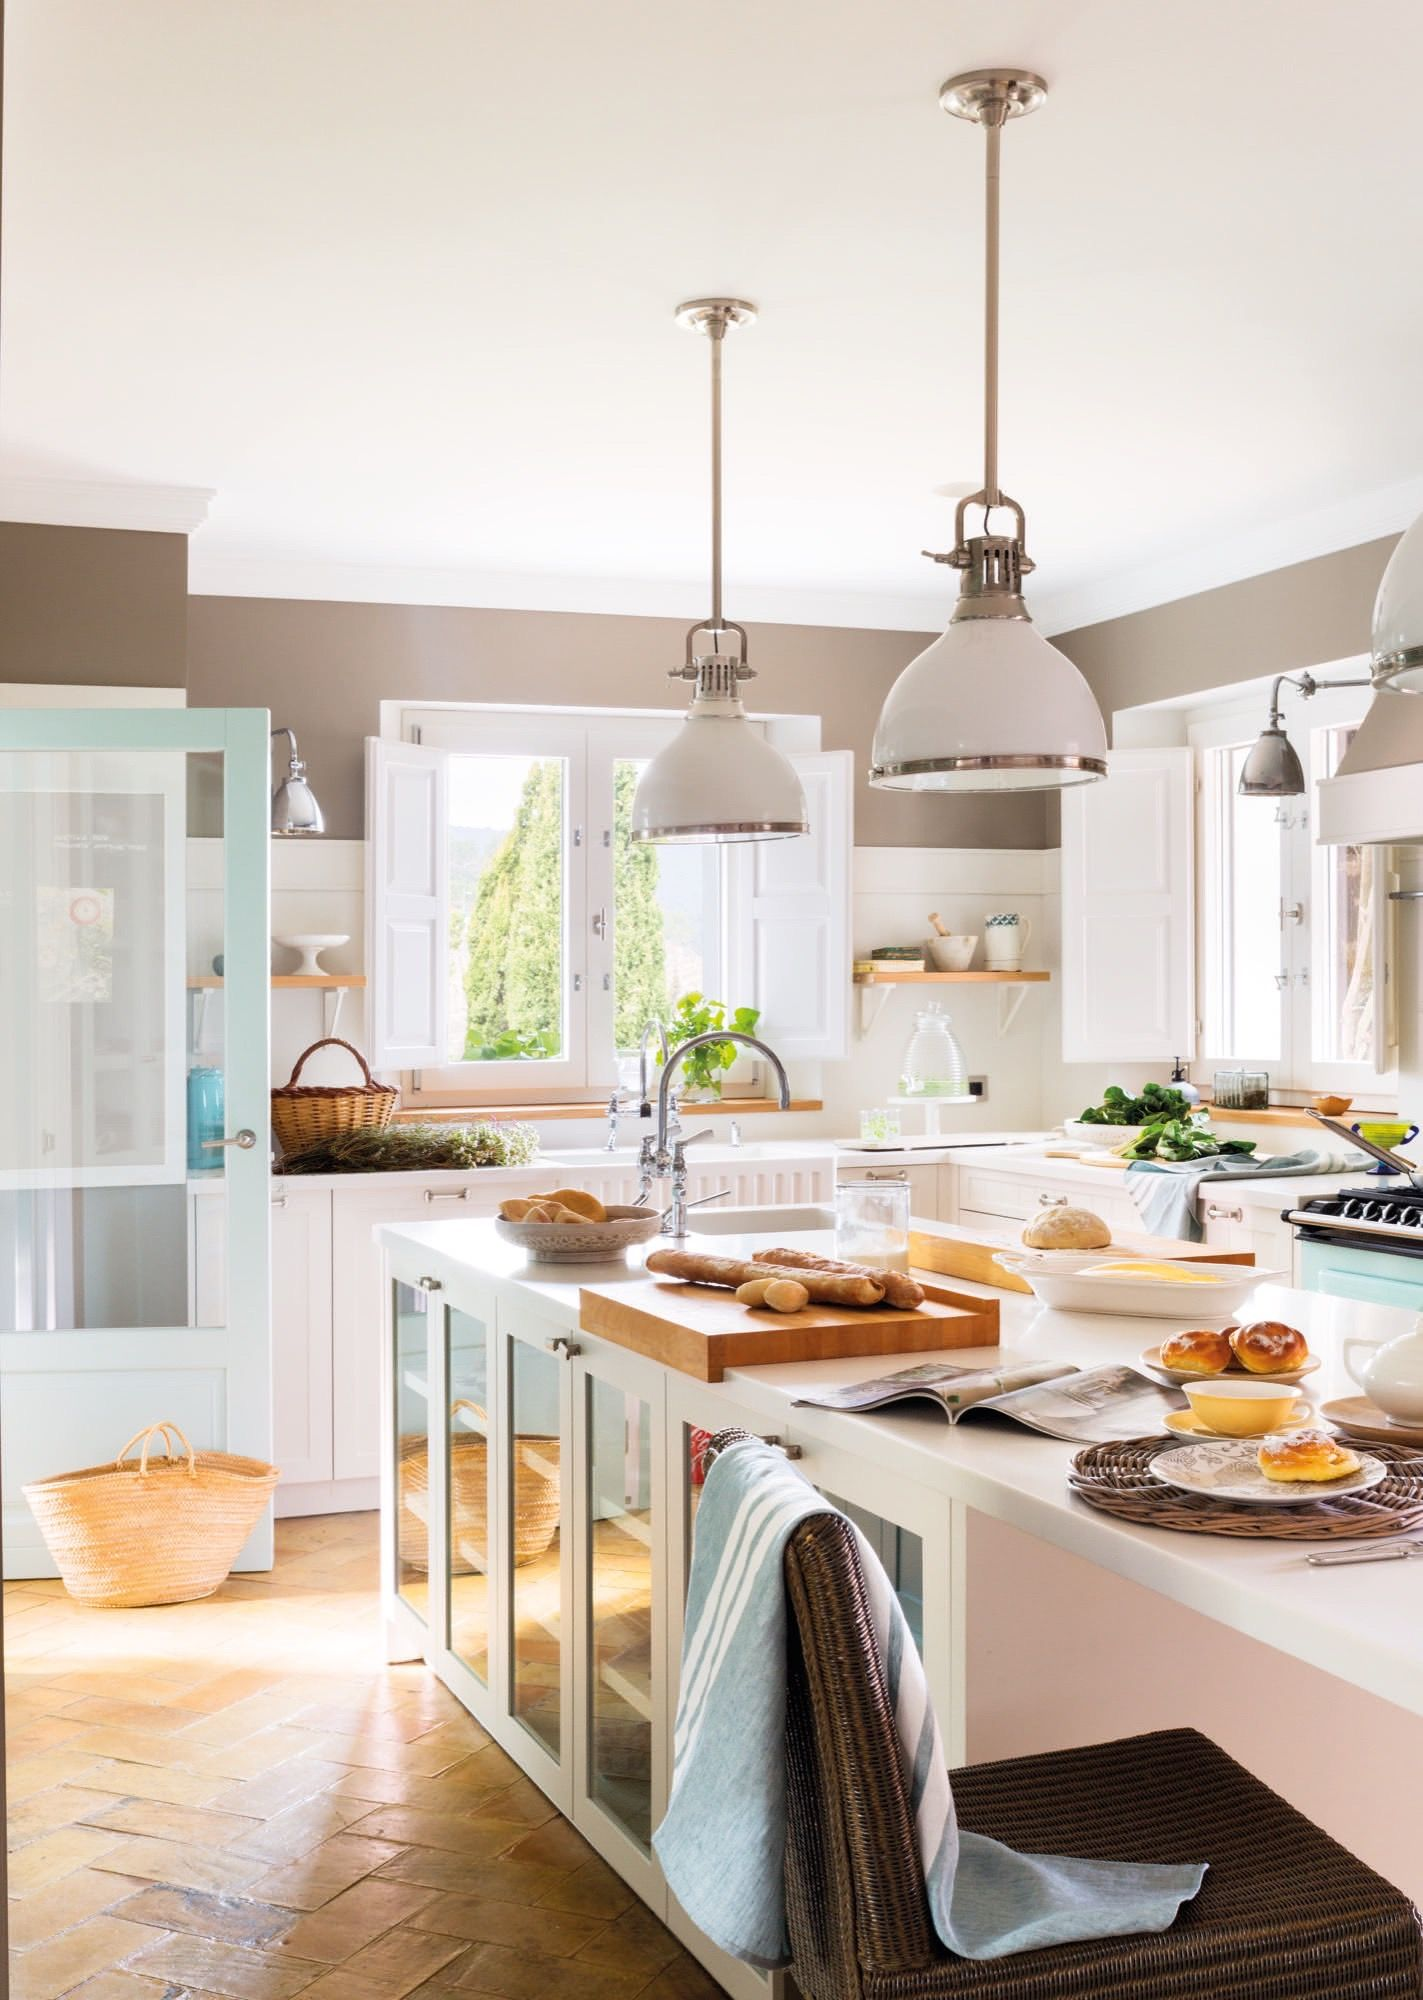 Cocina de estilo rustico en verde y chocolate | Kitchen | Pinterest ...